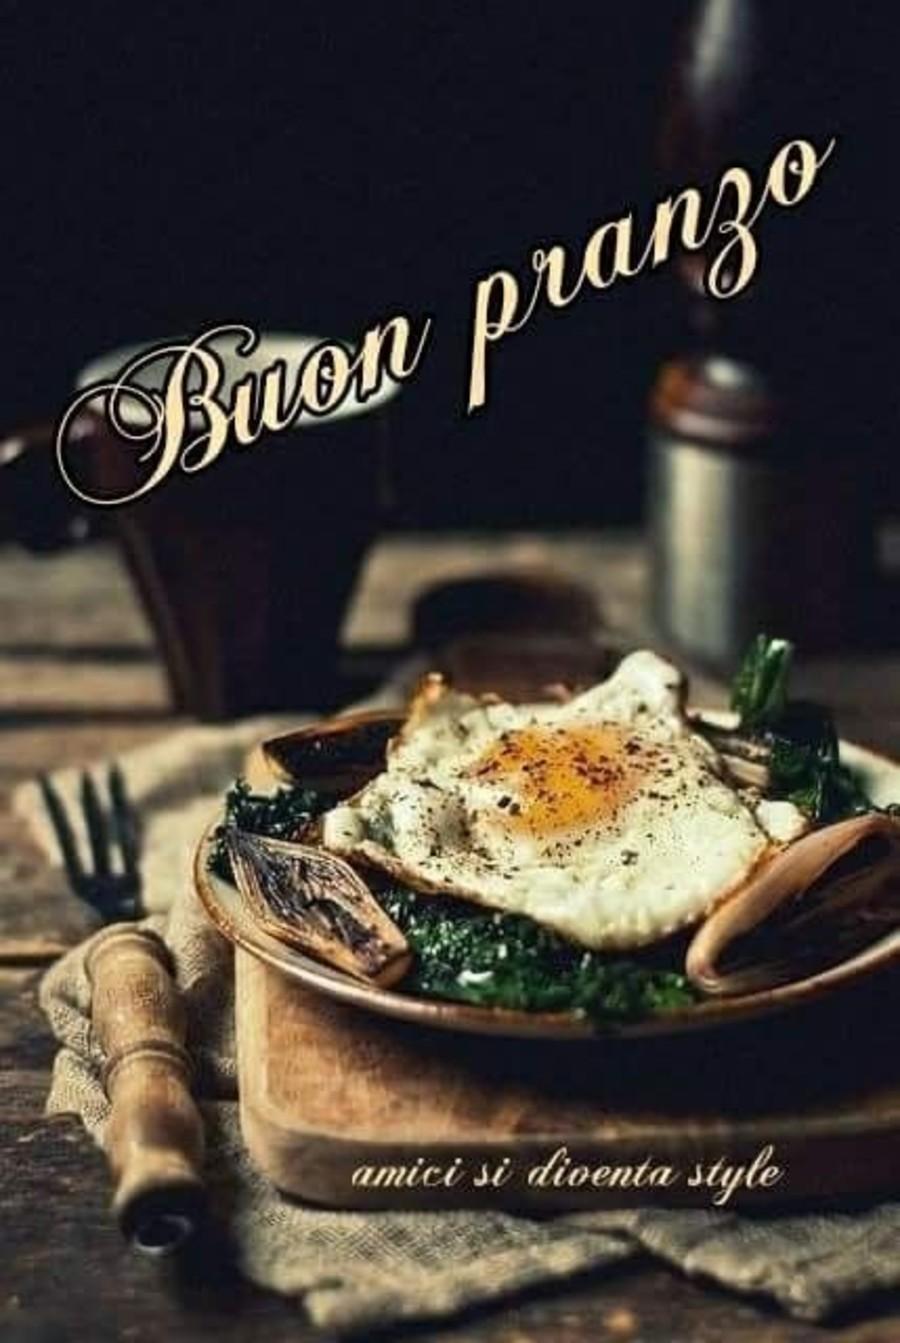 Immagini buon pranzo buon appetito divertente - Pranzo immagini ...